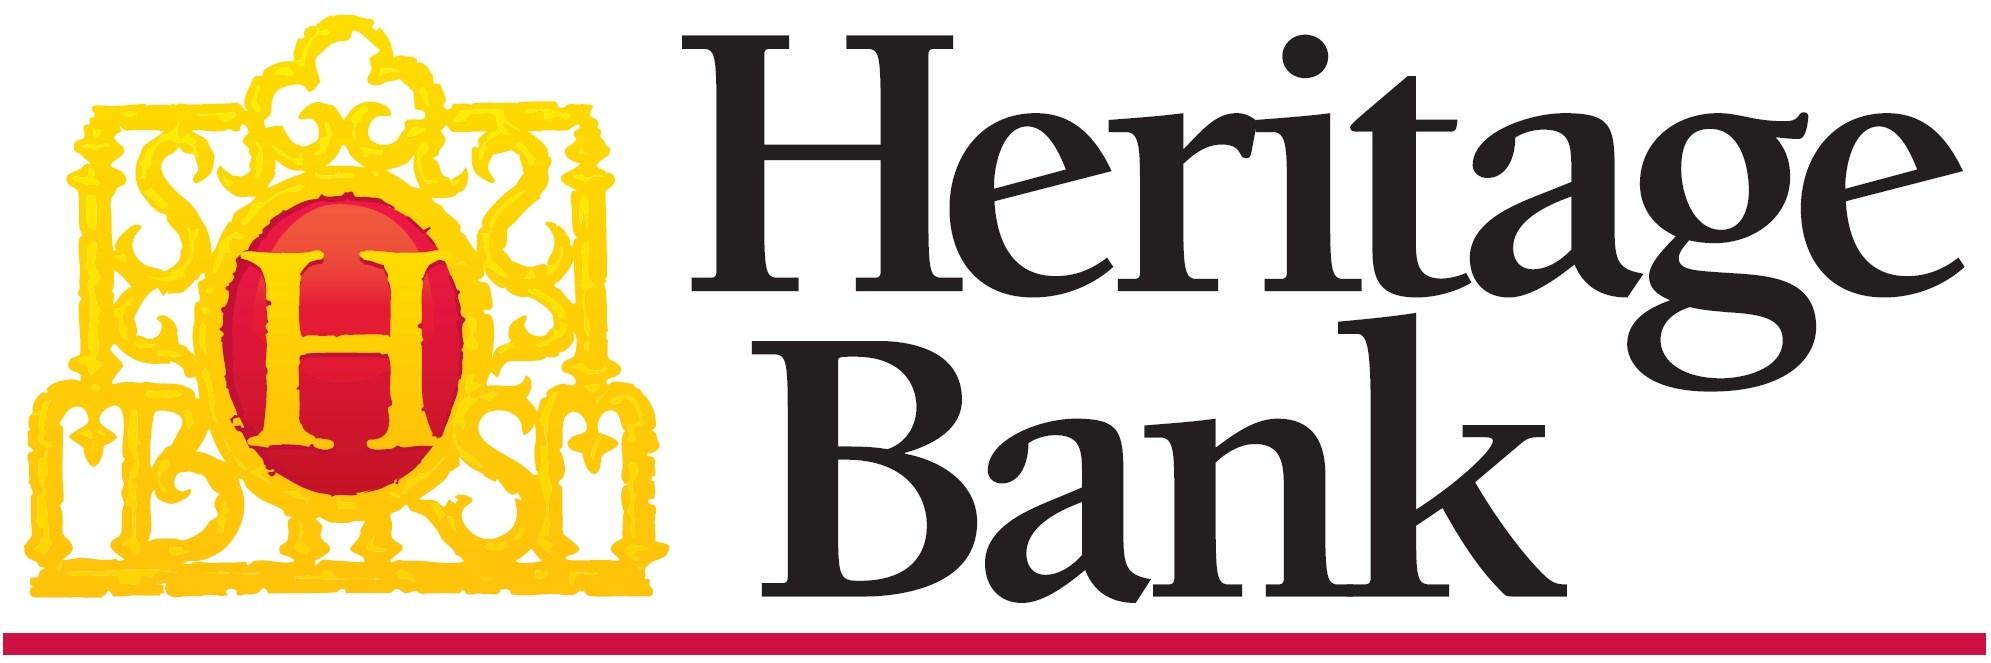 Heritage-Bank_logo_2015.jpg